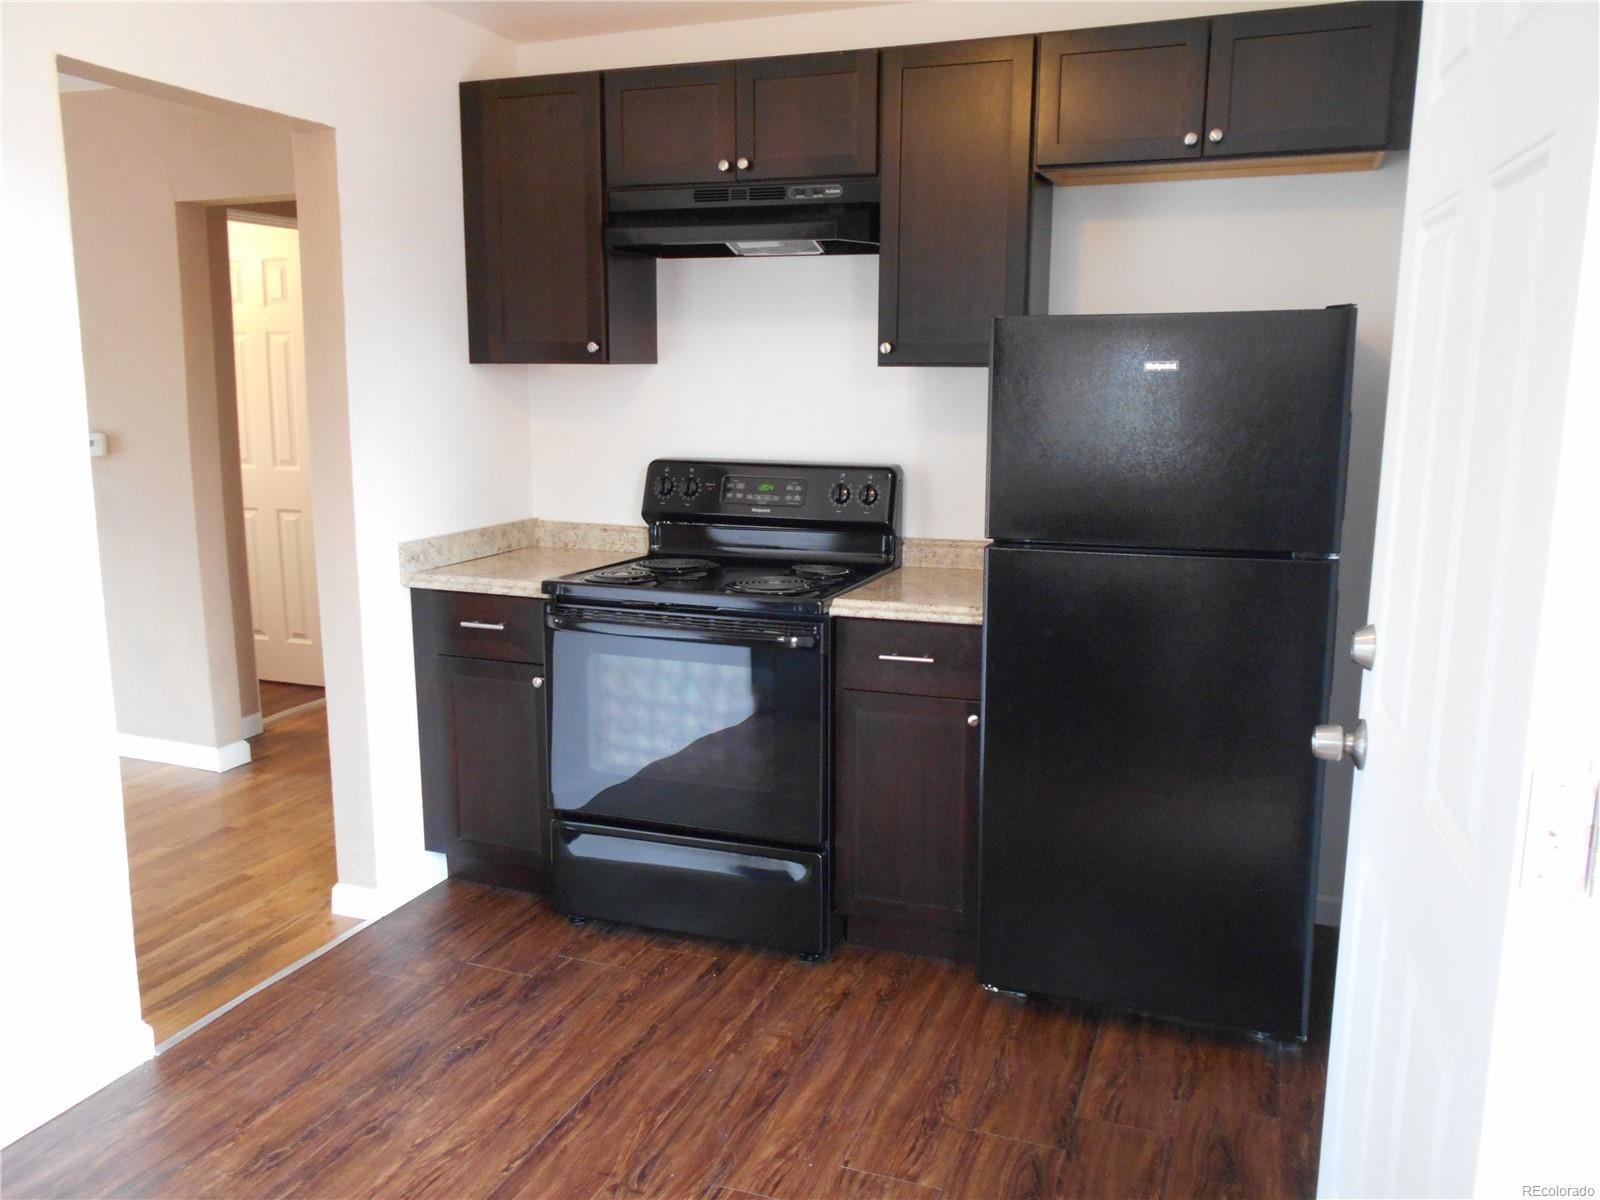 MLS# 7620940 - 13 - 166 S Kendall Street, Lakewood, CO 80226